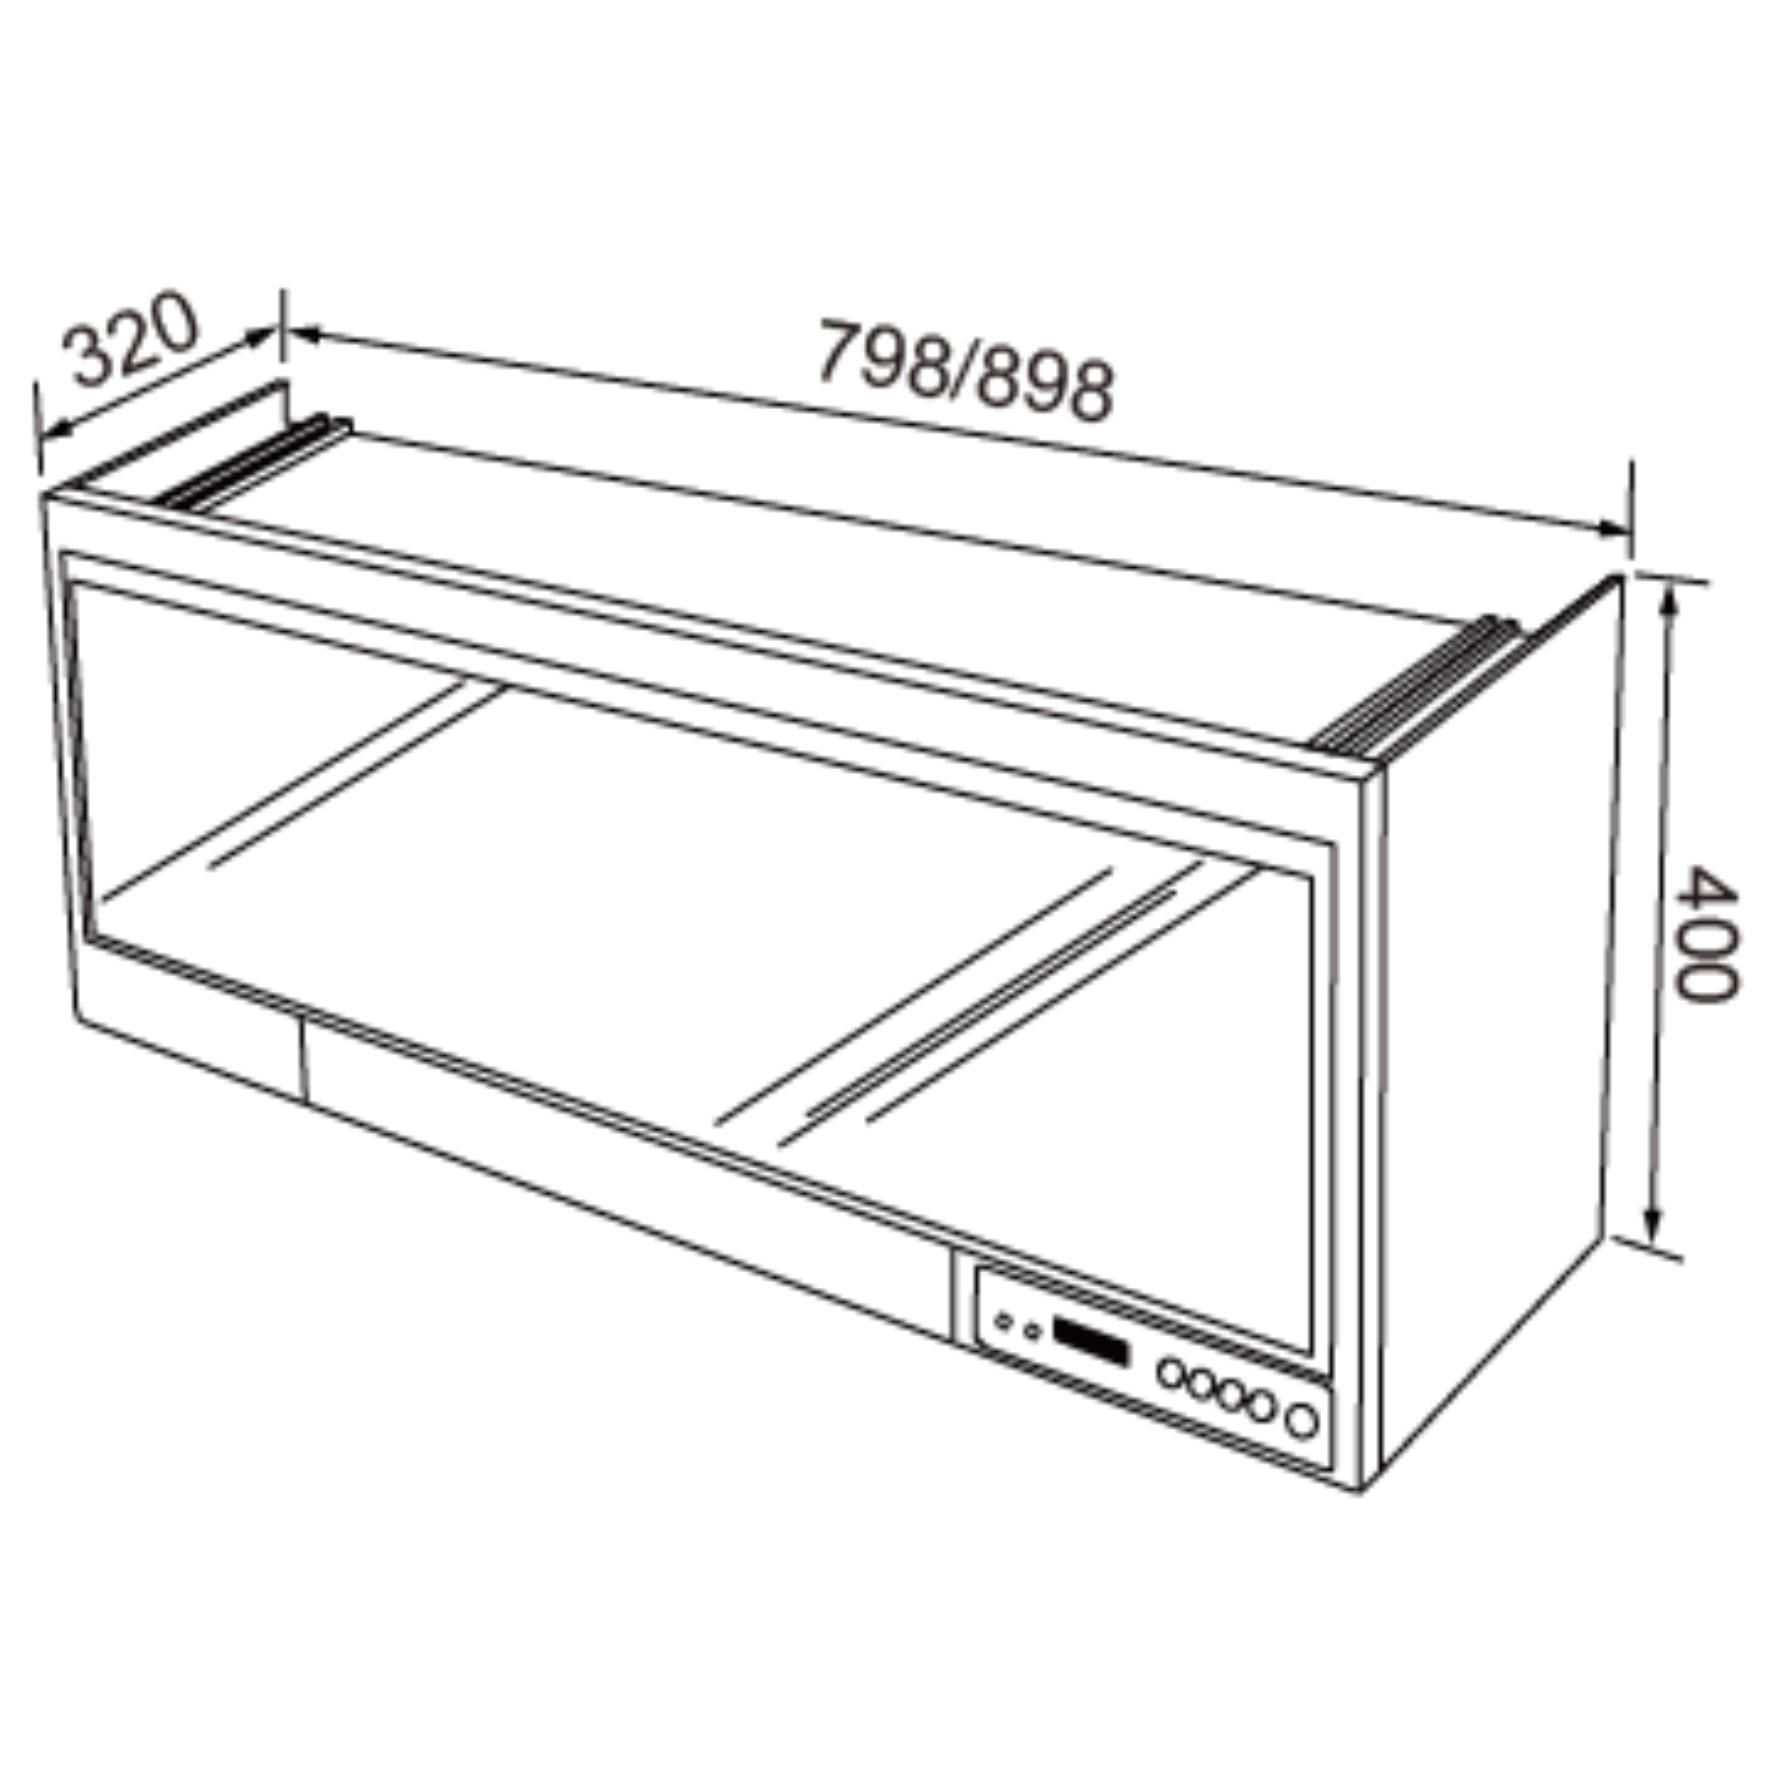 JT-3781Q/3791Q 懸掛式烘碗機(限定通路)-JT-3781Q/3791Q